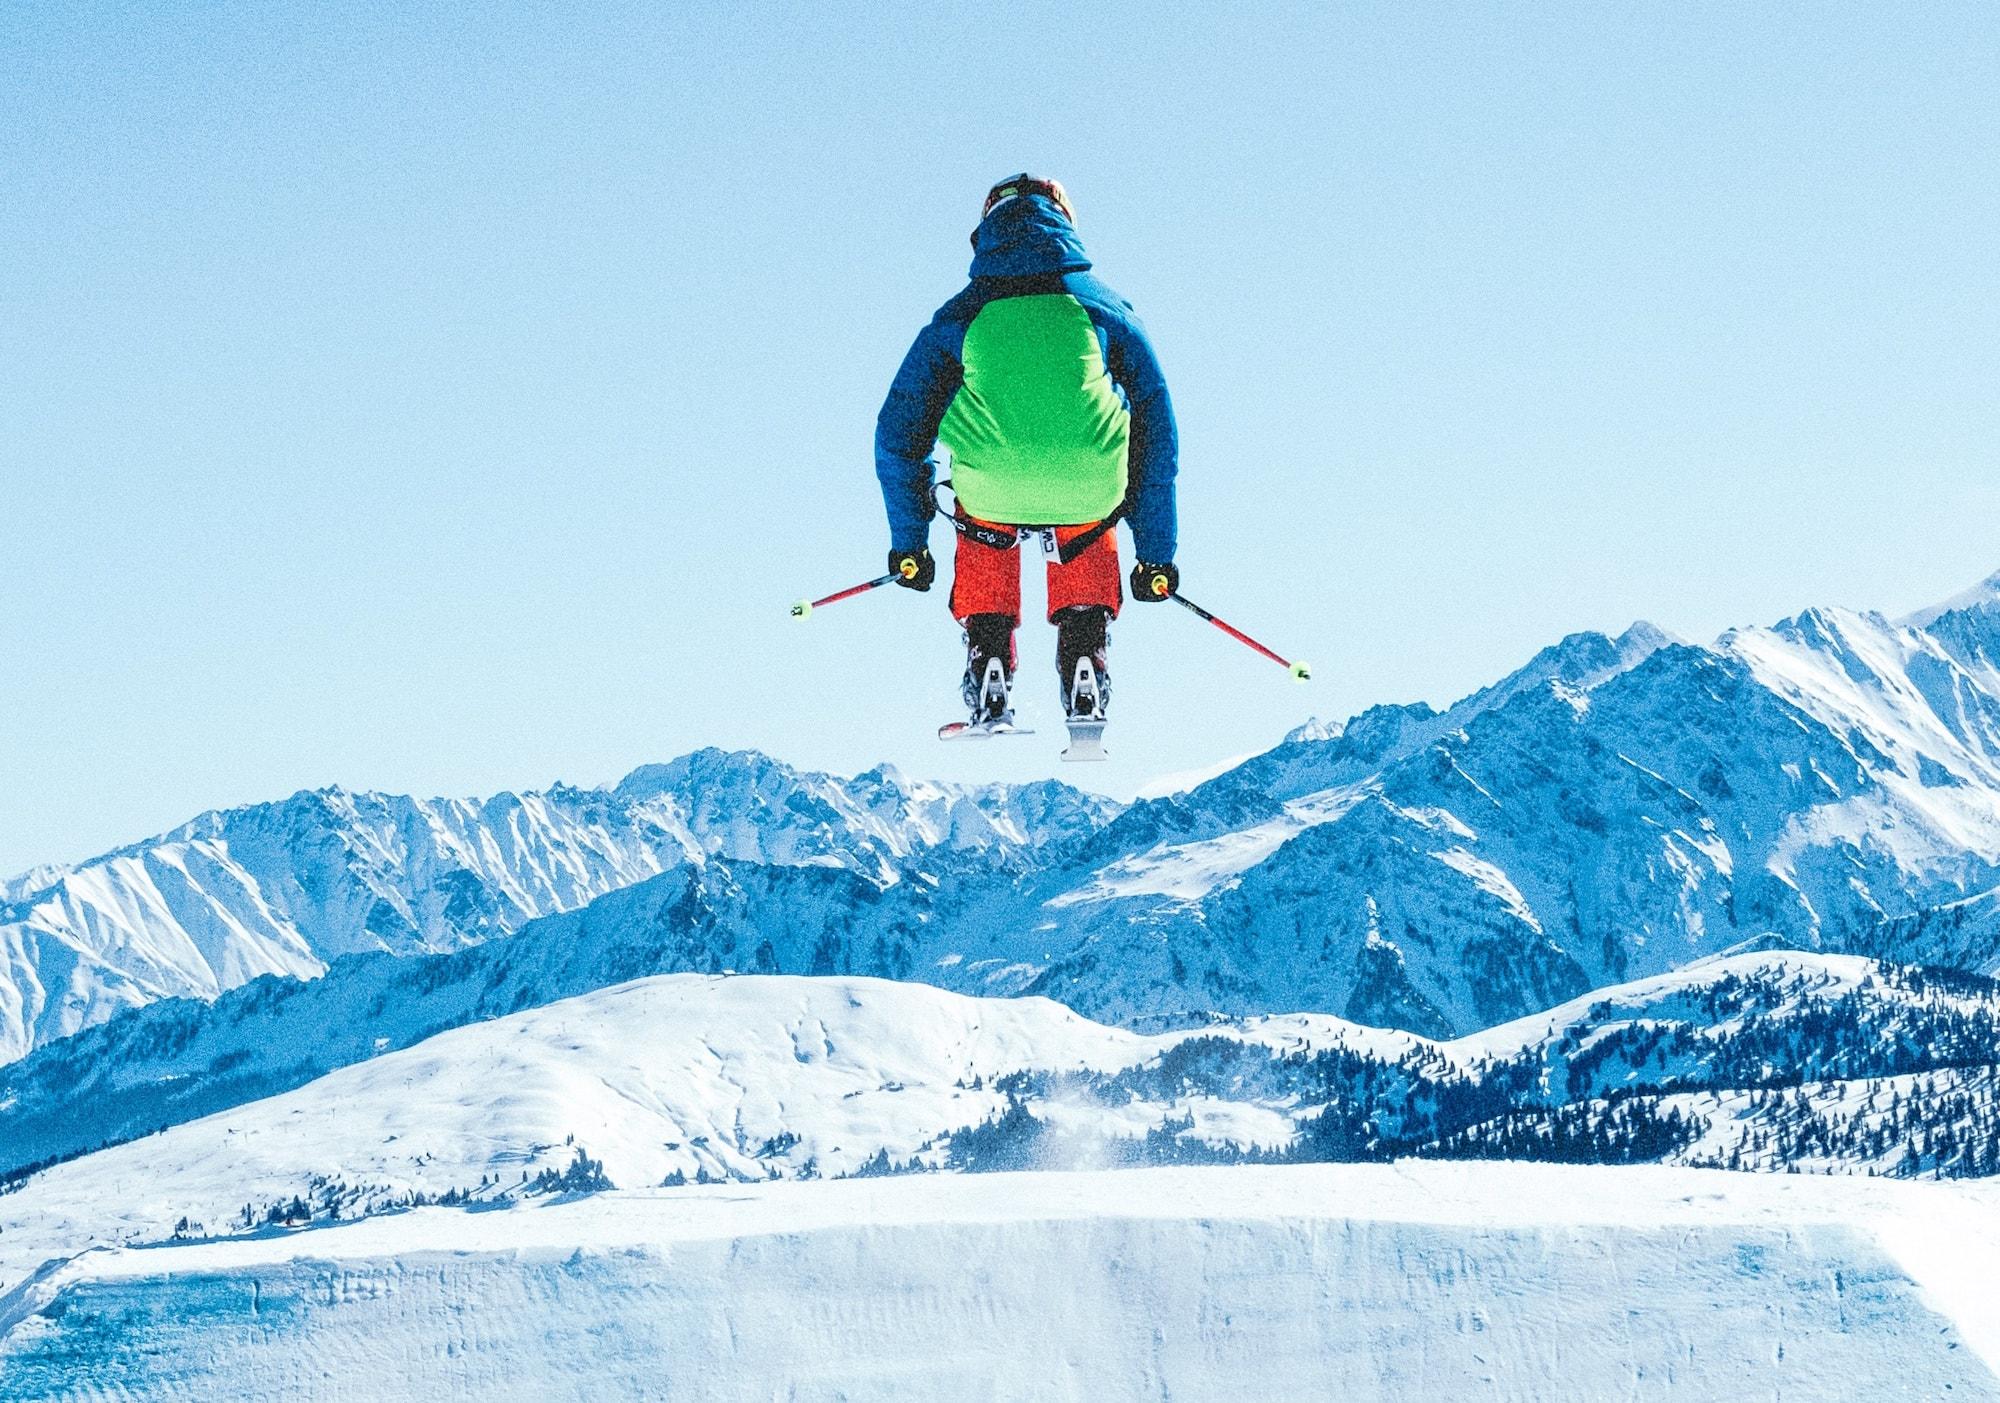 regole anti-COVID per sciare